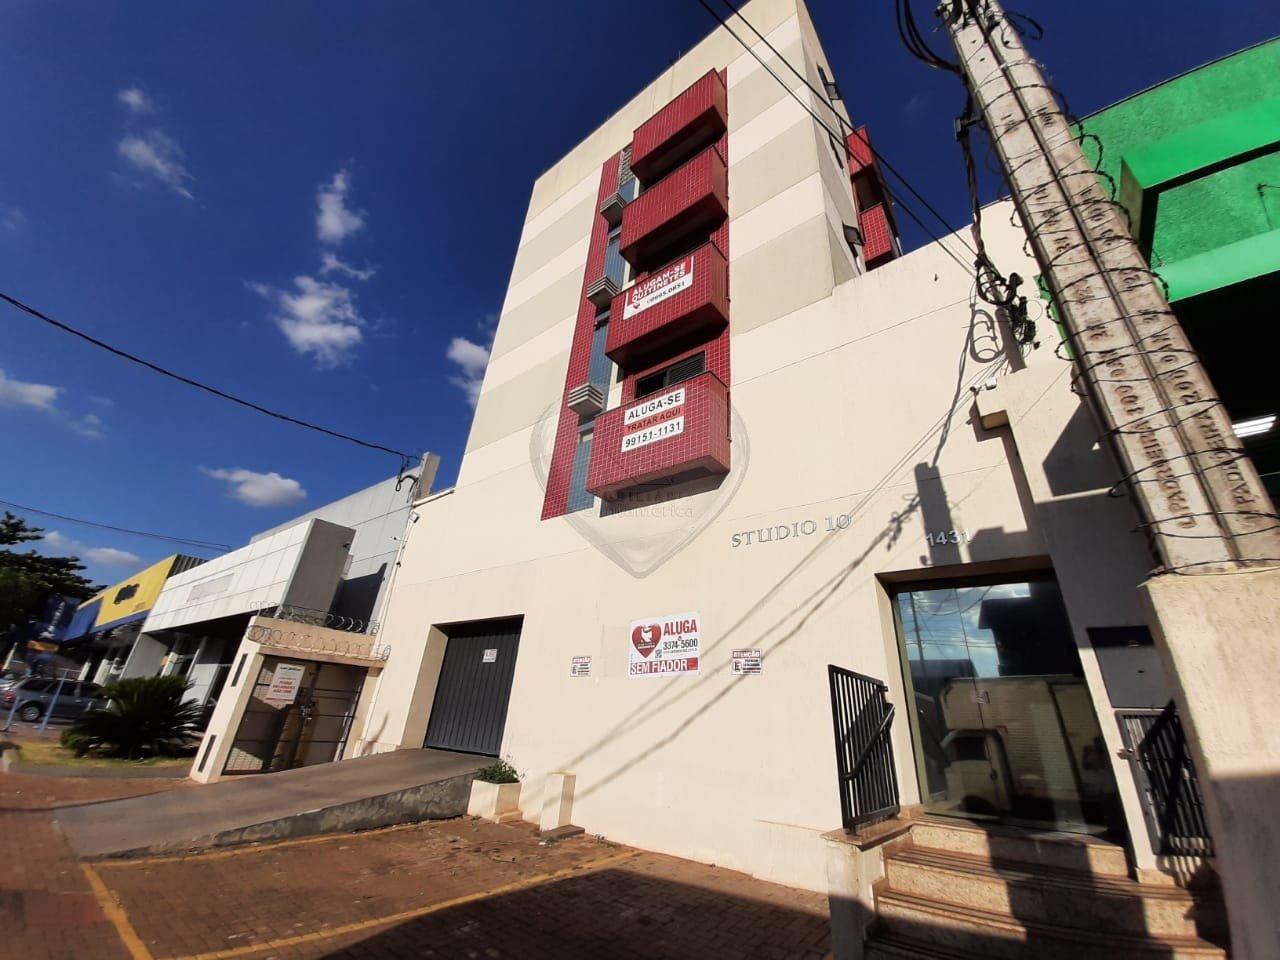 00002.027, Apartamento no Edifício Studio 10, de 1 quarto, 21 m² para alugar no Lago Igapó - Londrina/PR